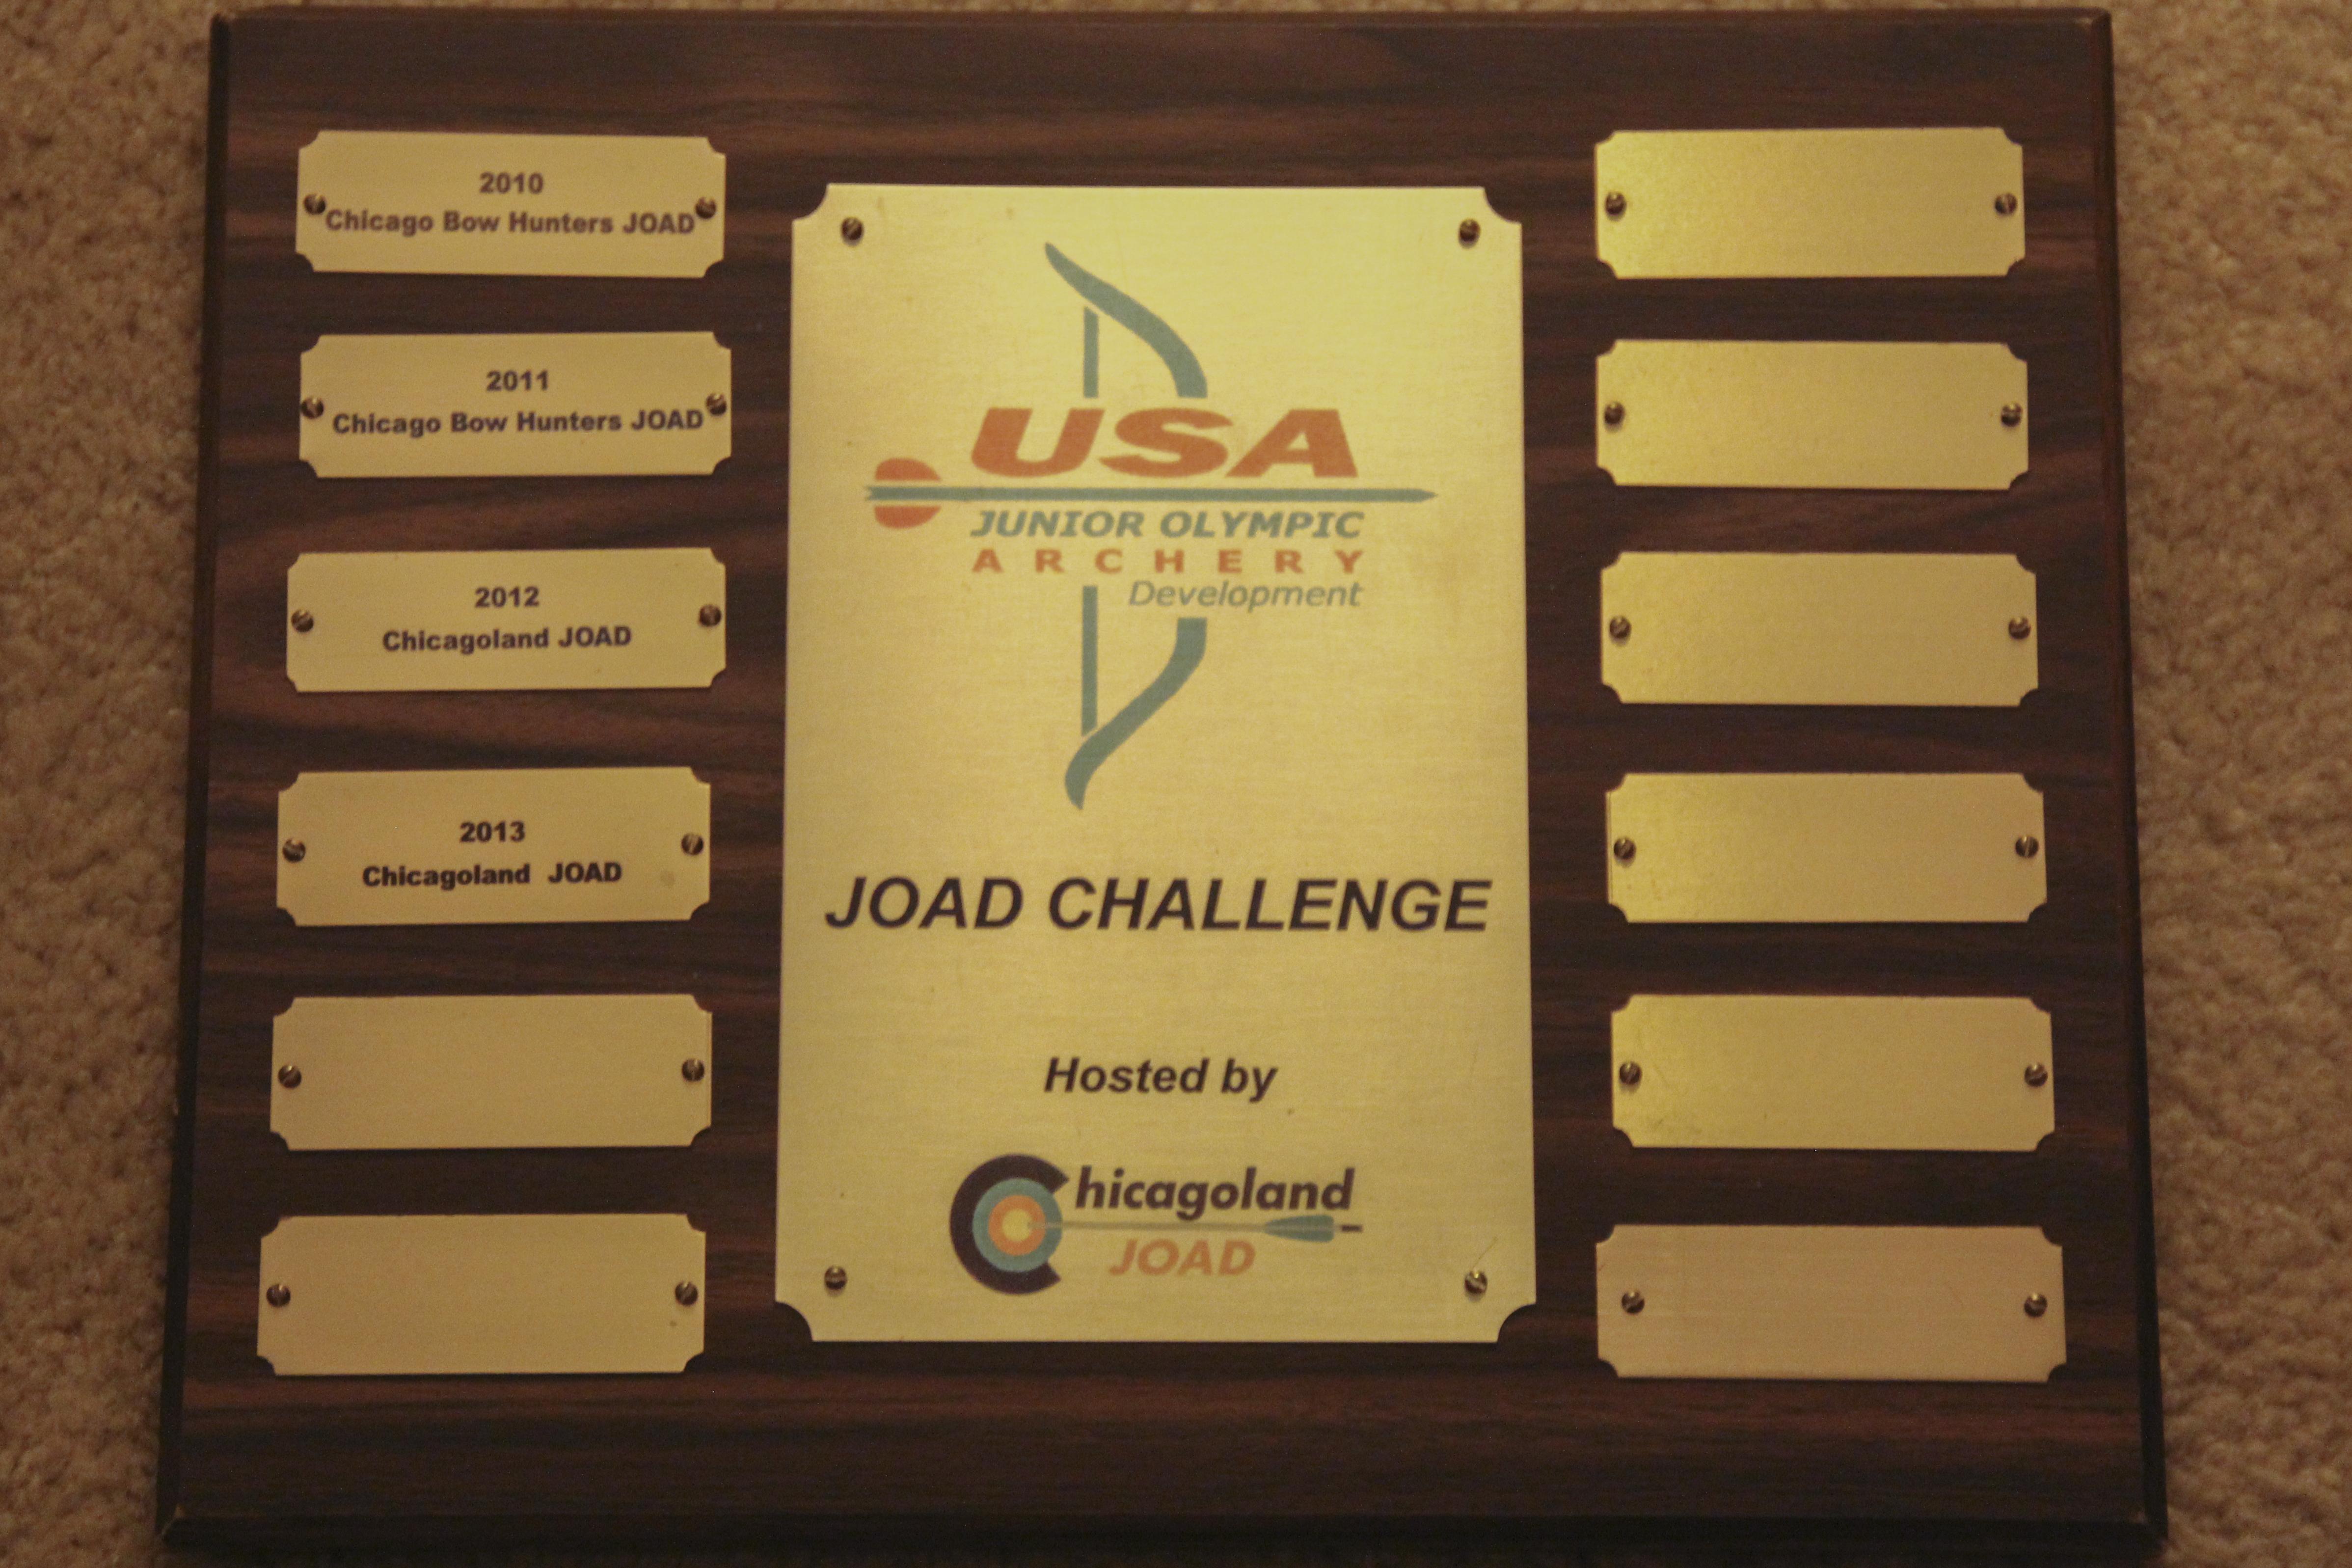 JOAD Challenge traveling plaque